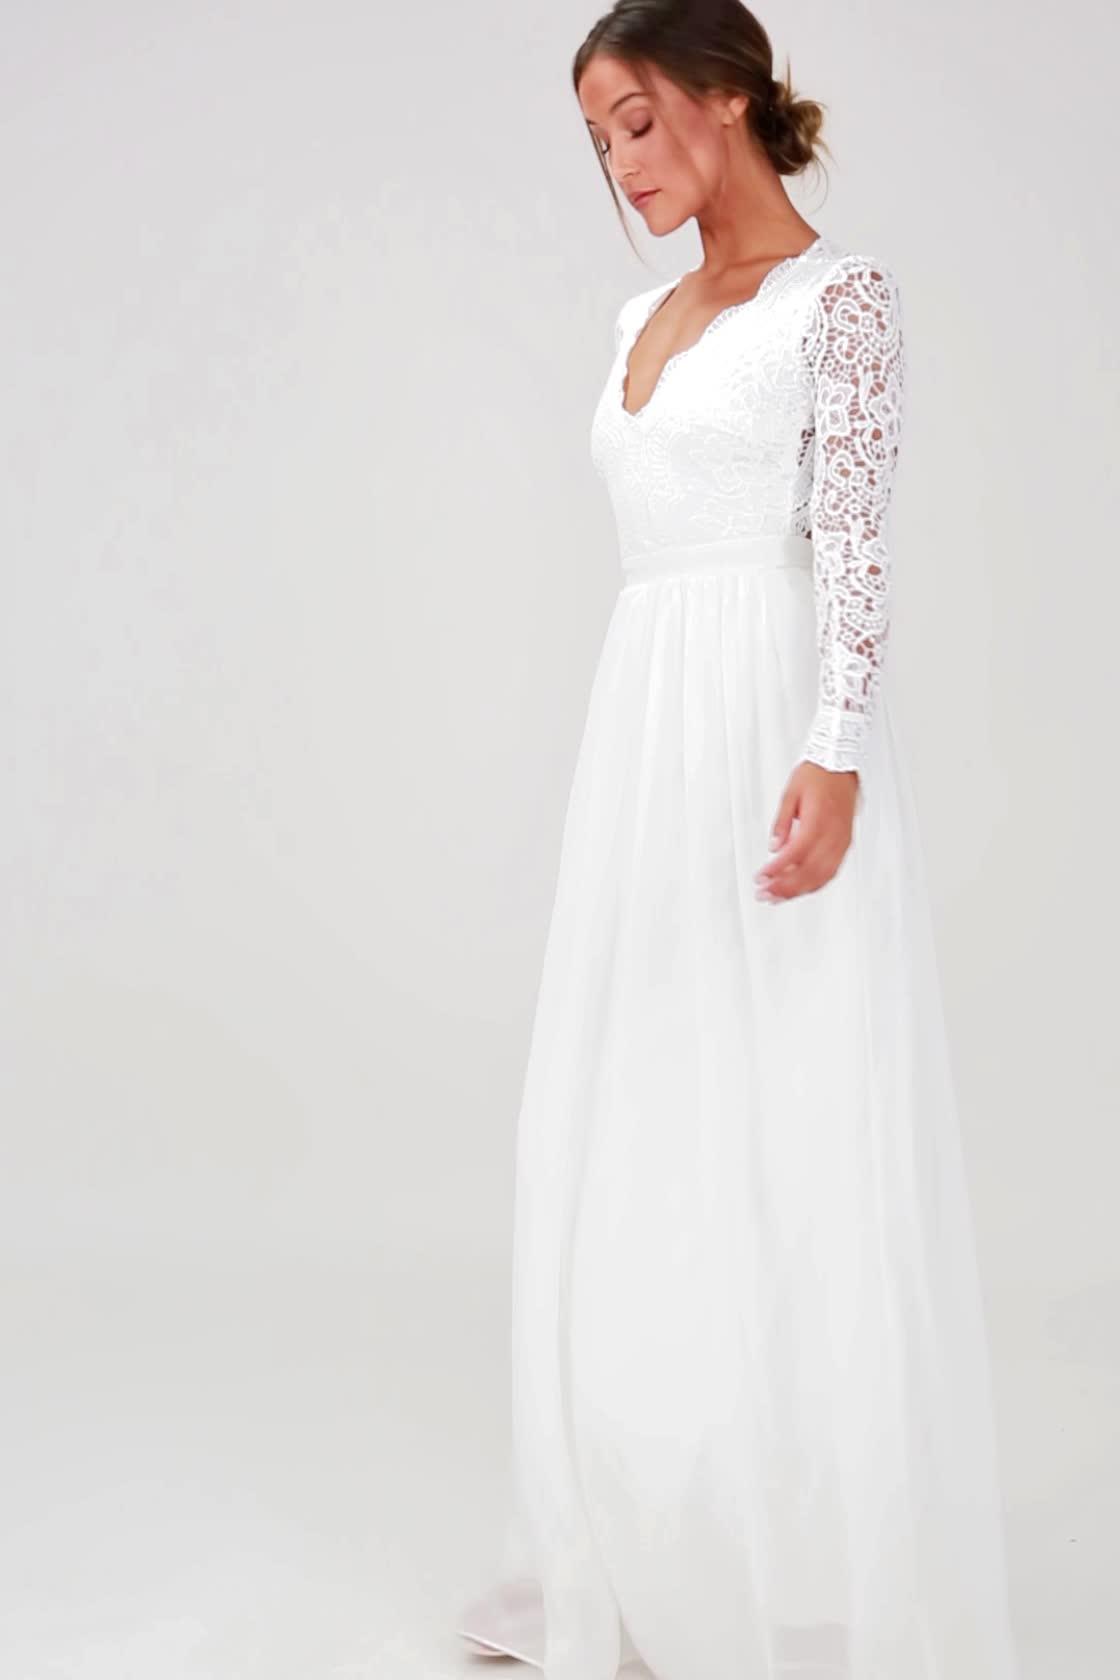 فستان زفاف أكمام تتميز بنقوش مختلفة